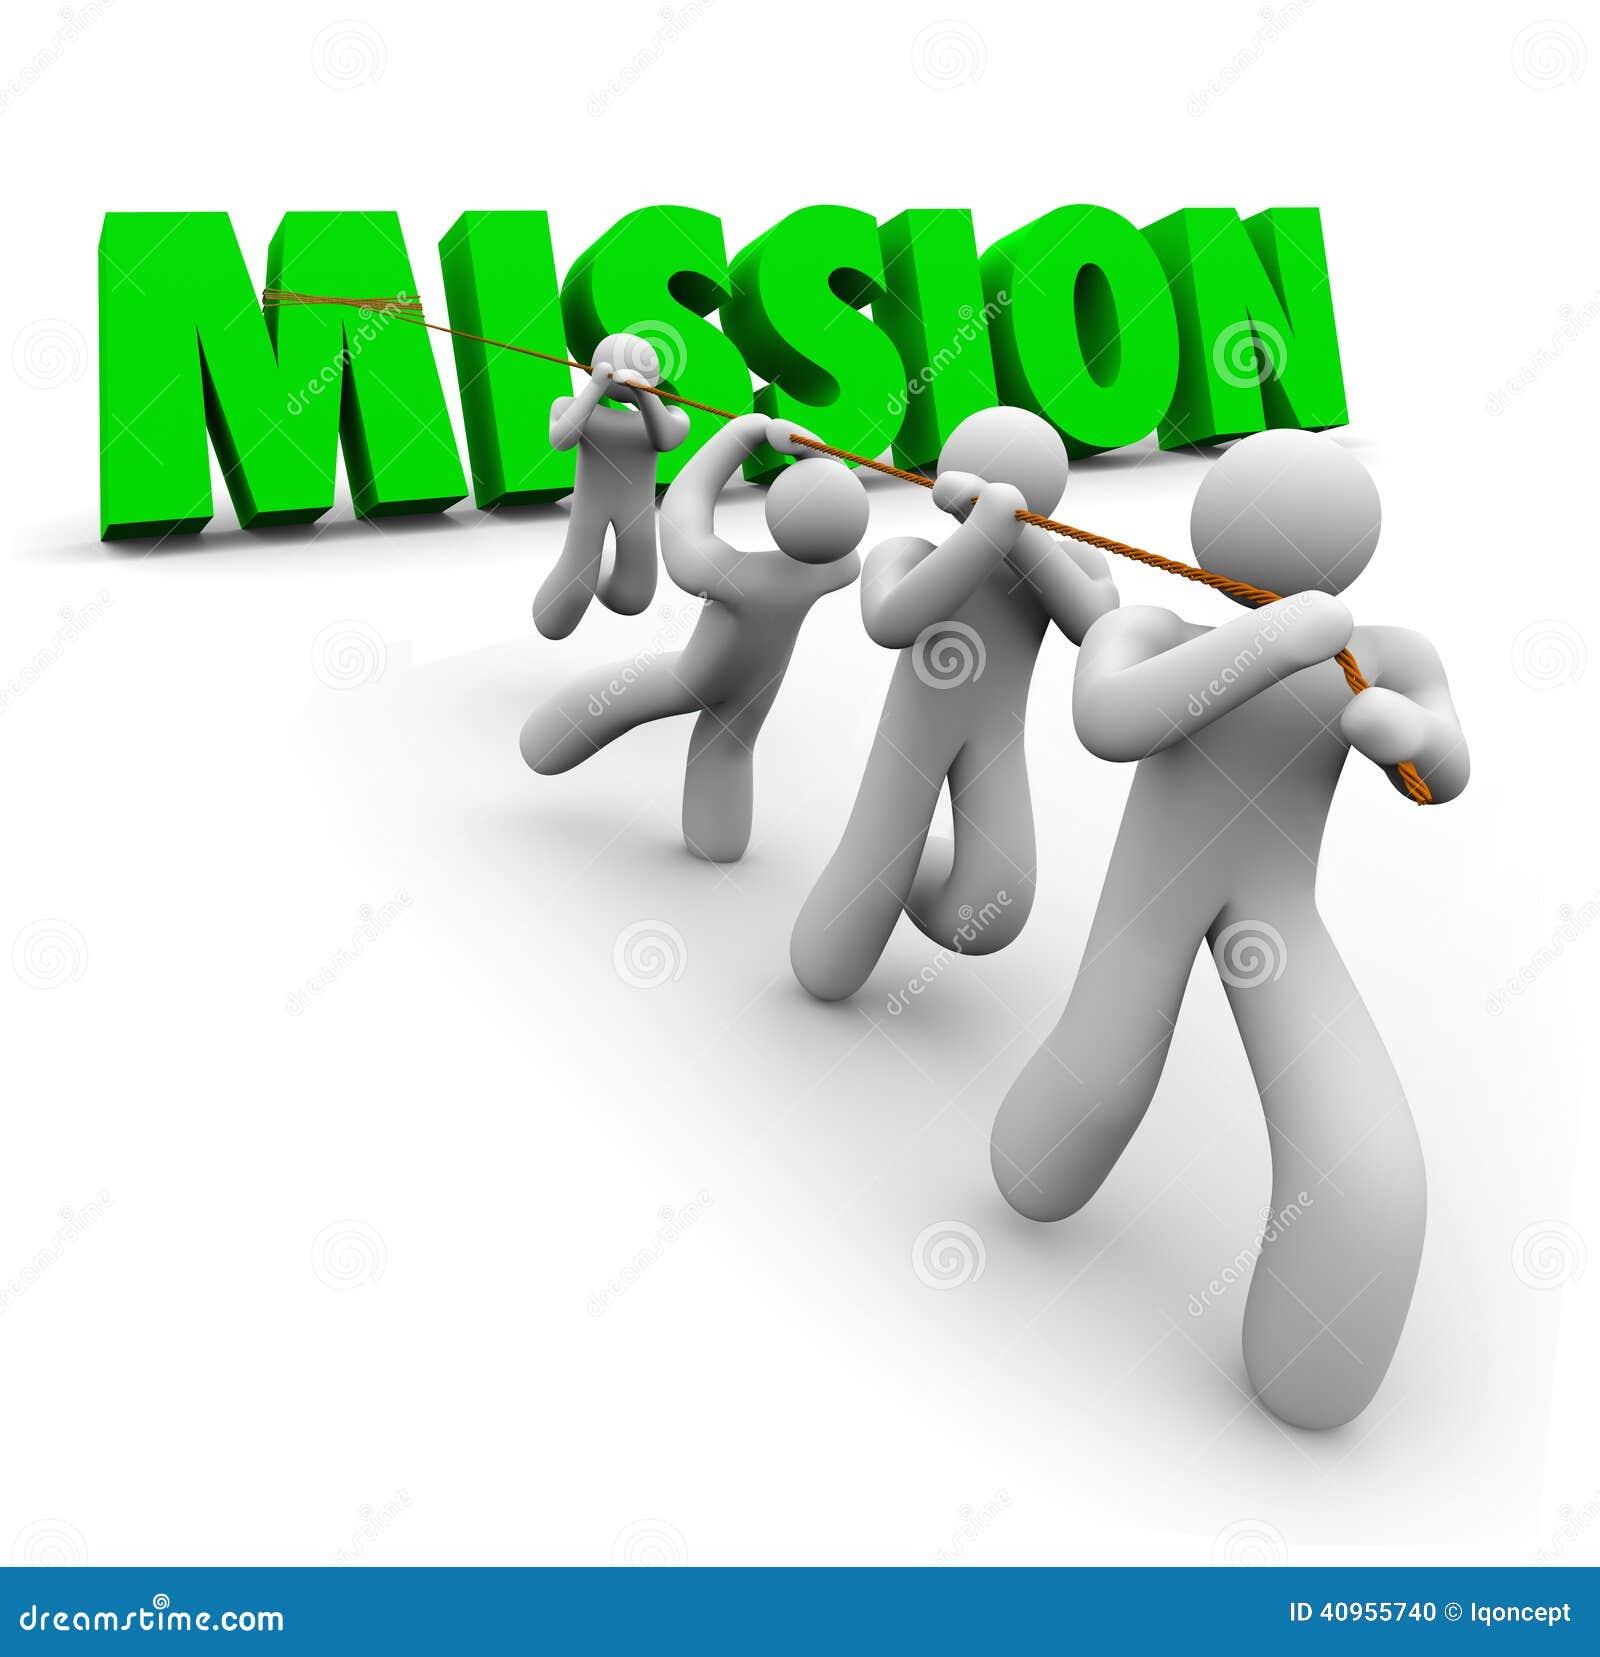 Tâche objective de Team Pulling Together Achieve Goal de mission